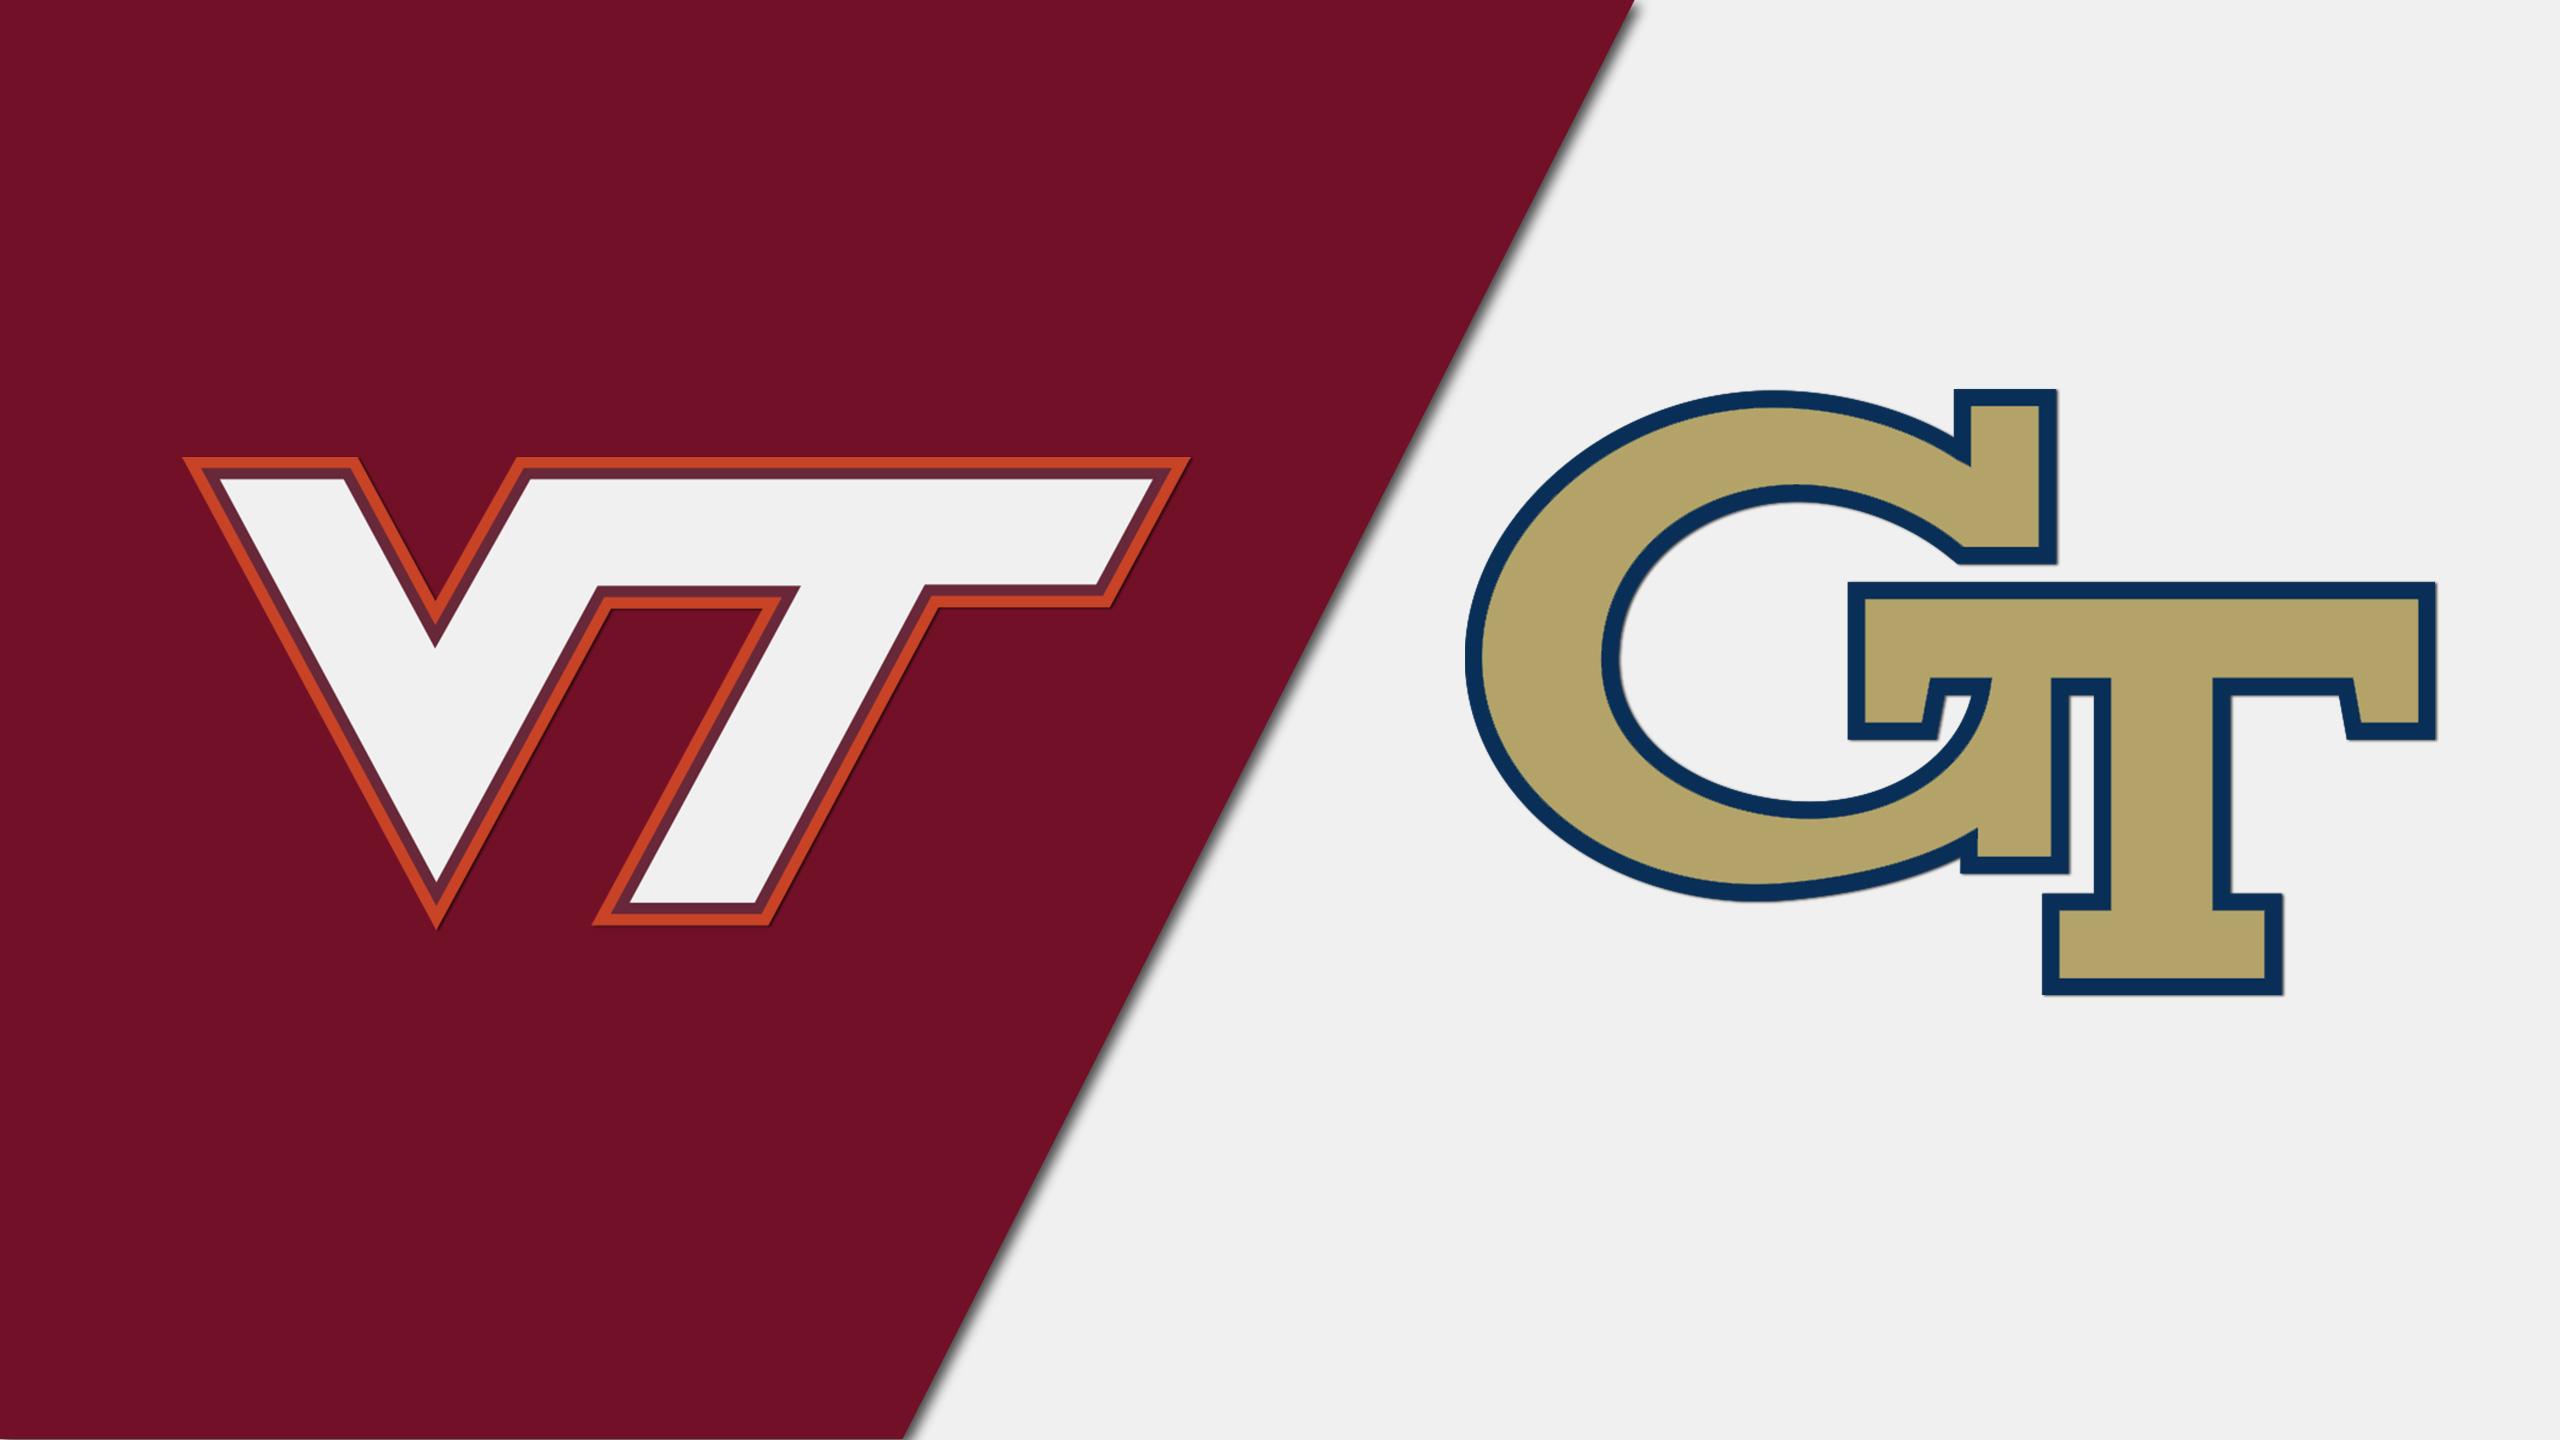 Virginia Tech vs. Georgia Tech (W Basketball)